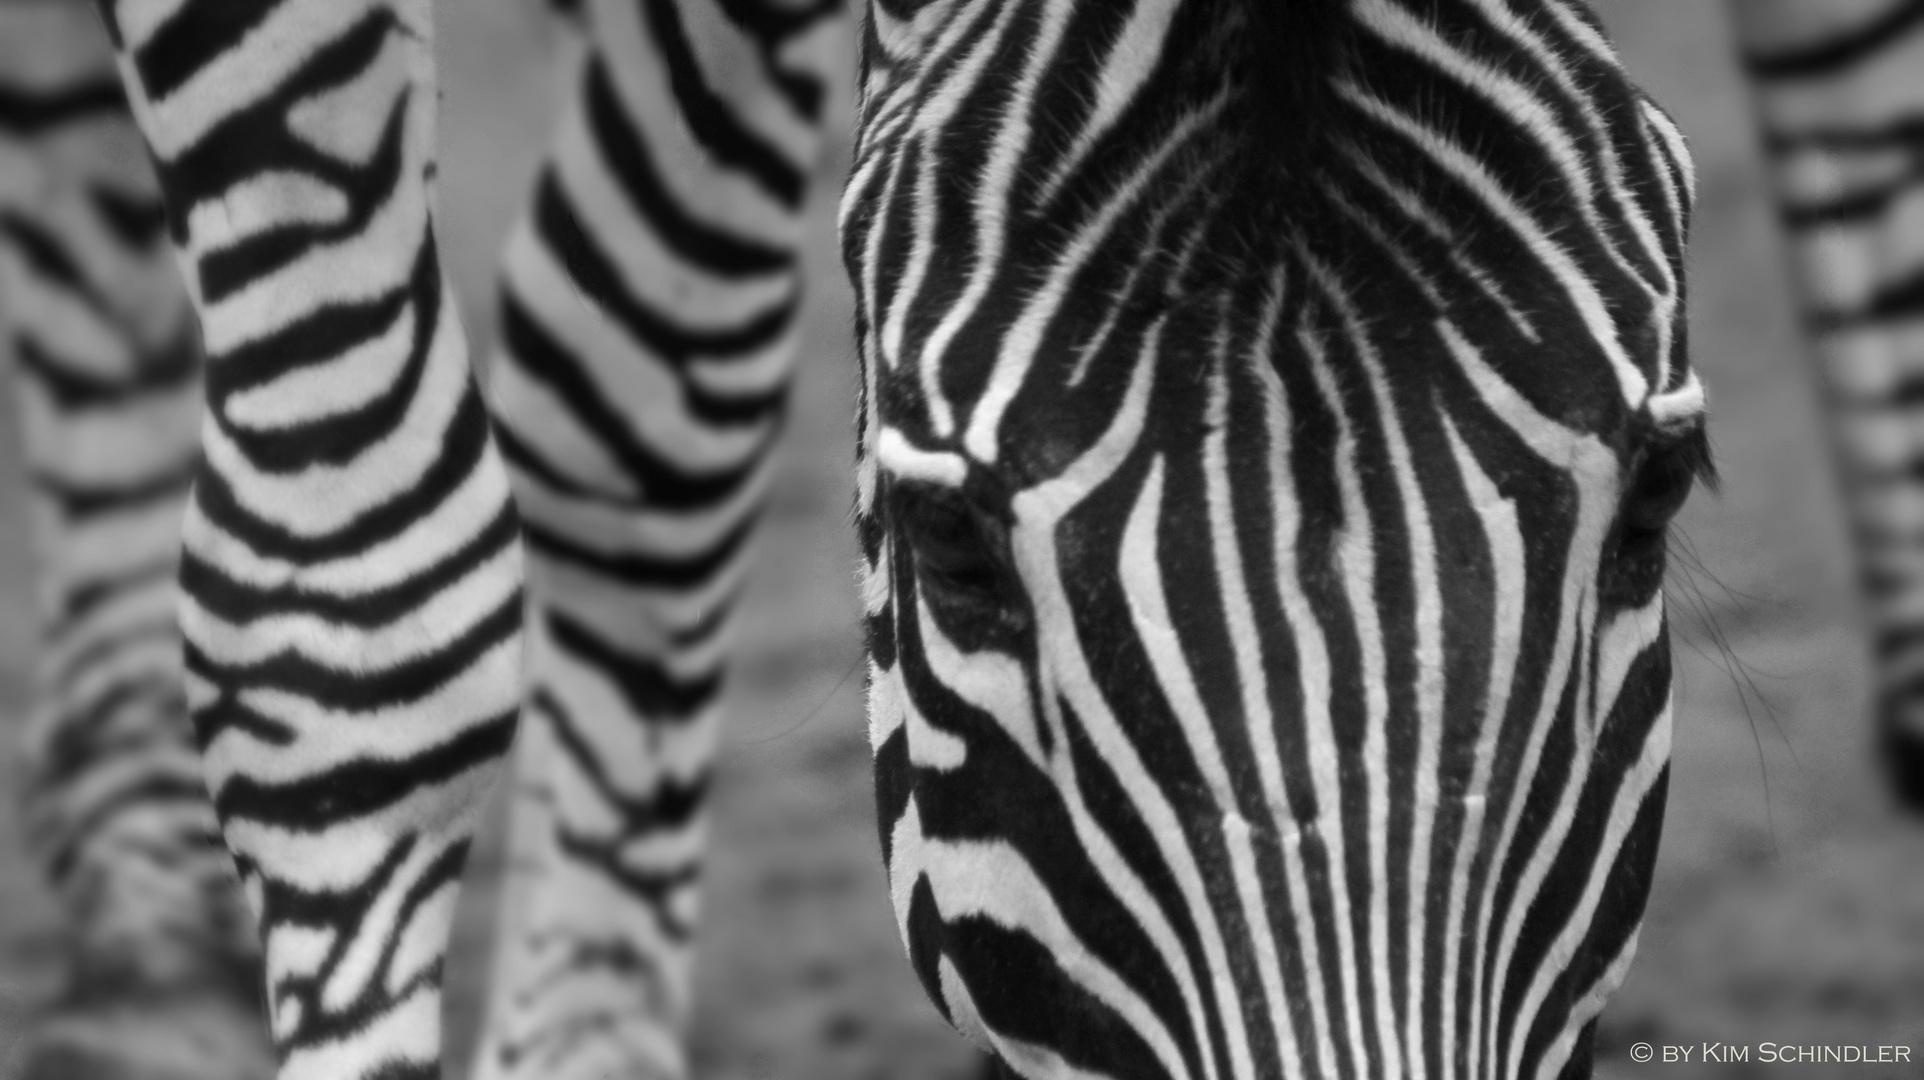 Zebra, Schwarz-Weiß